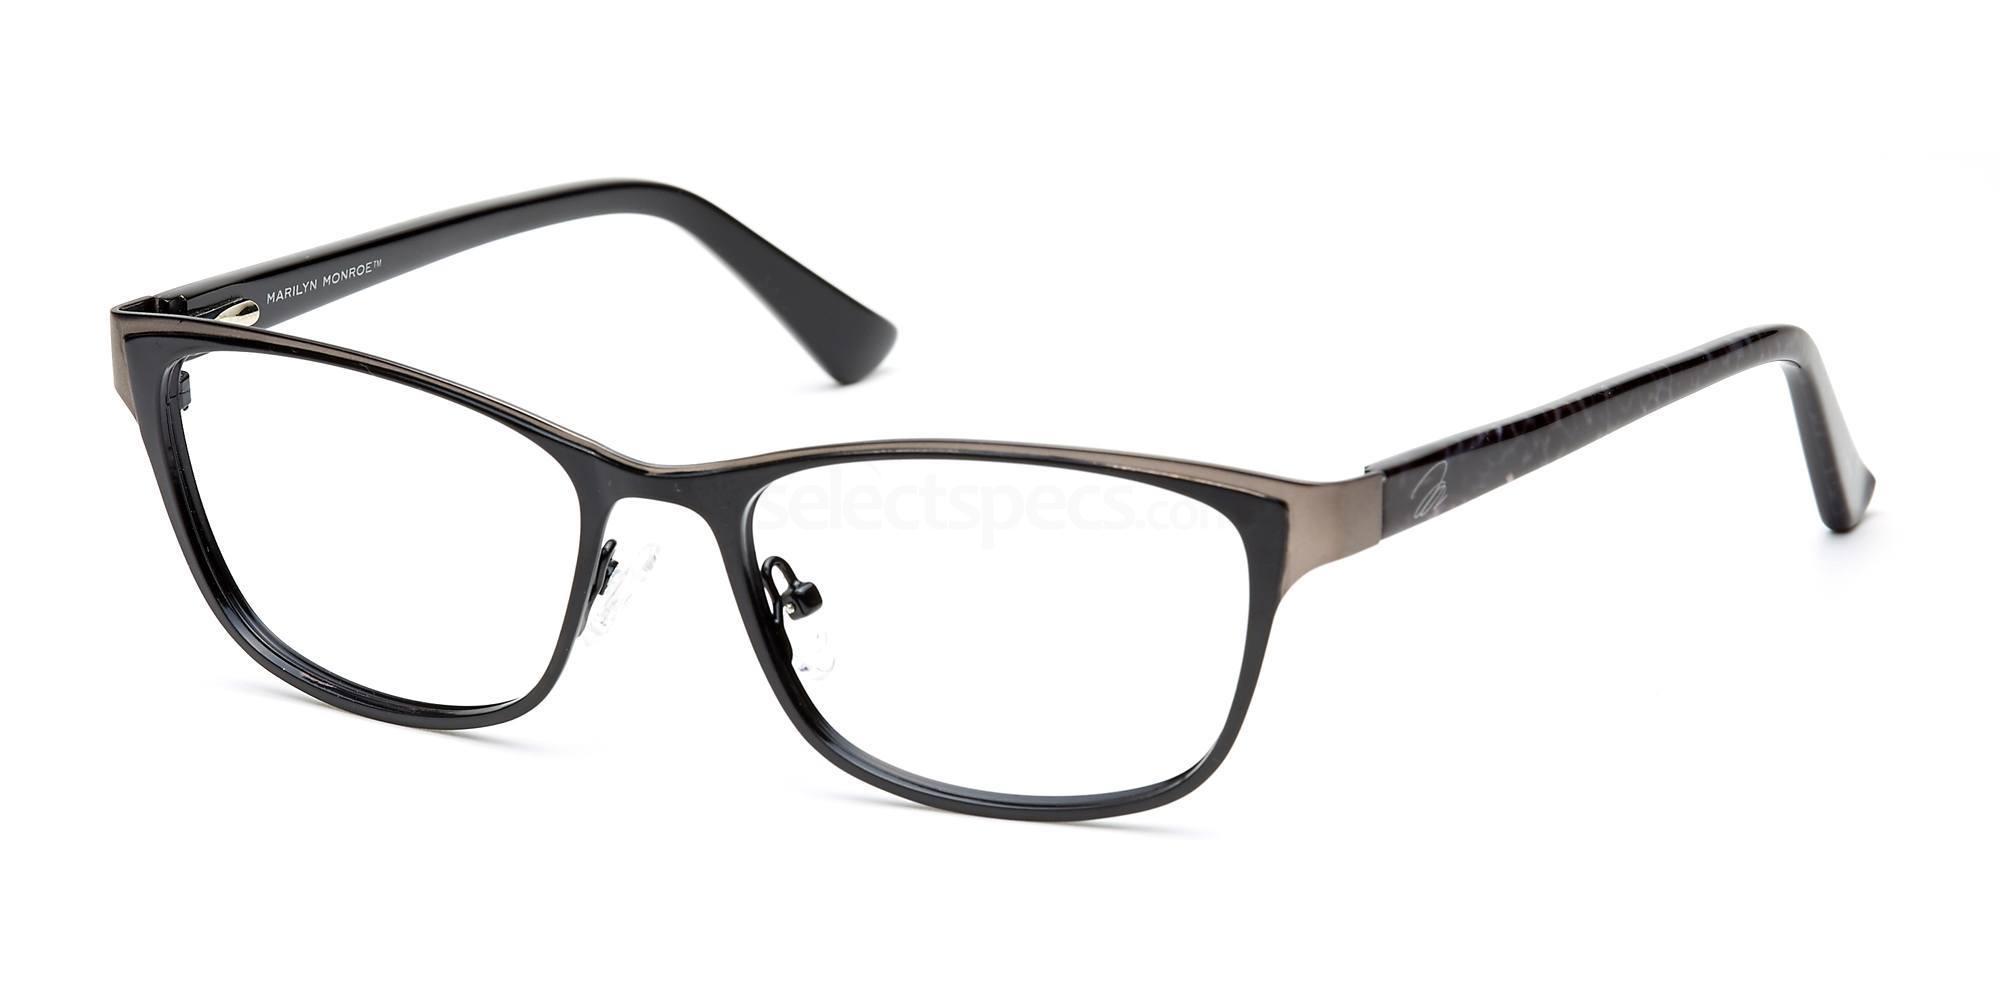 C1 MMO122 Glasses, Marilyn Monroe